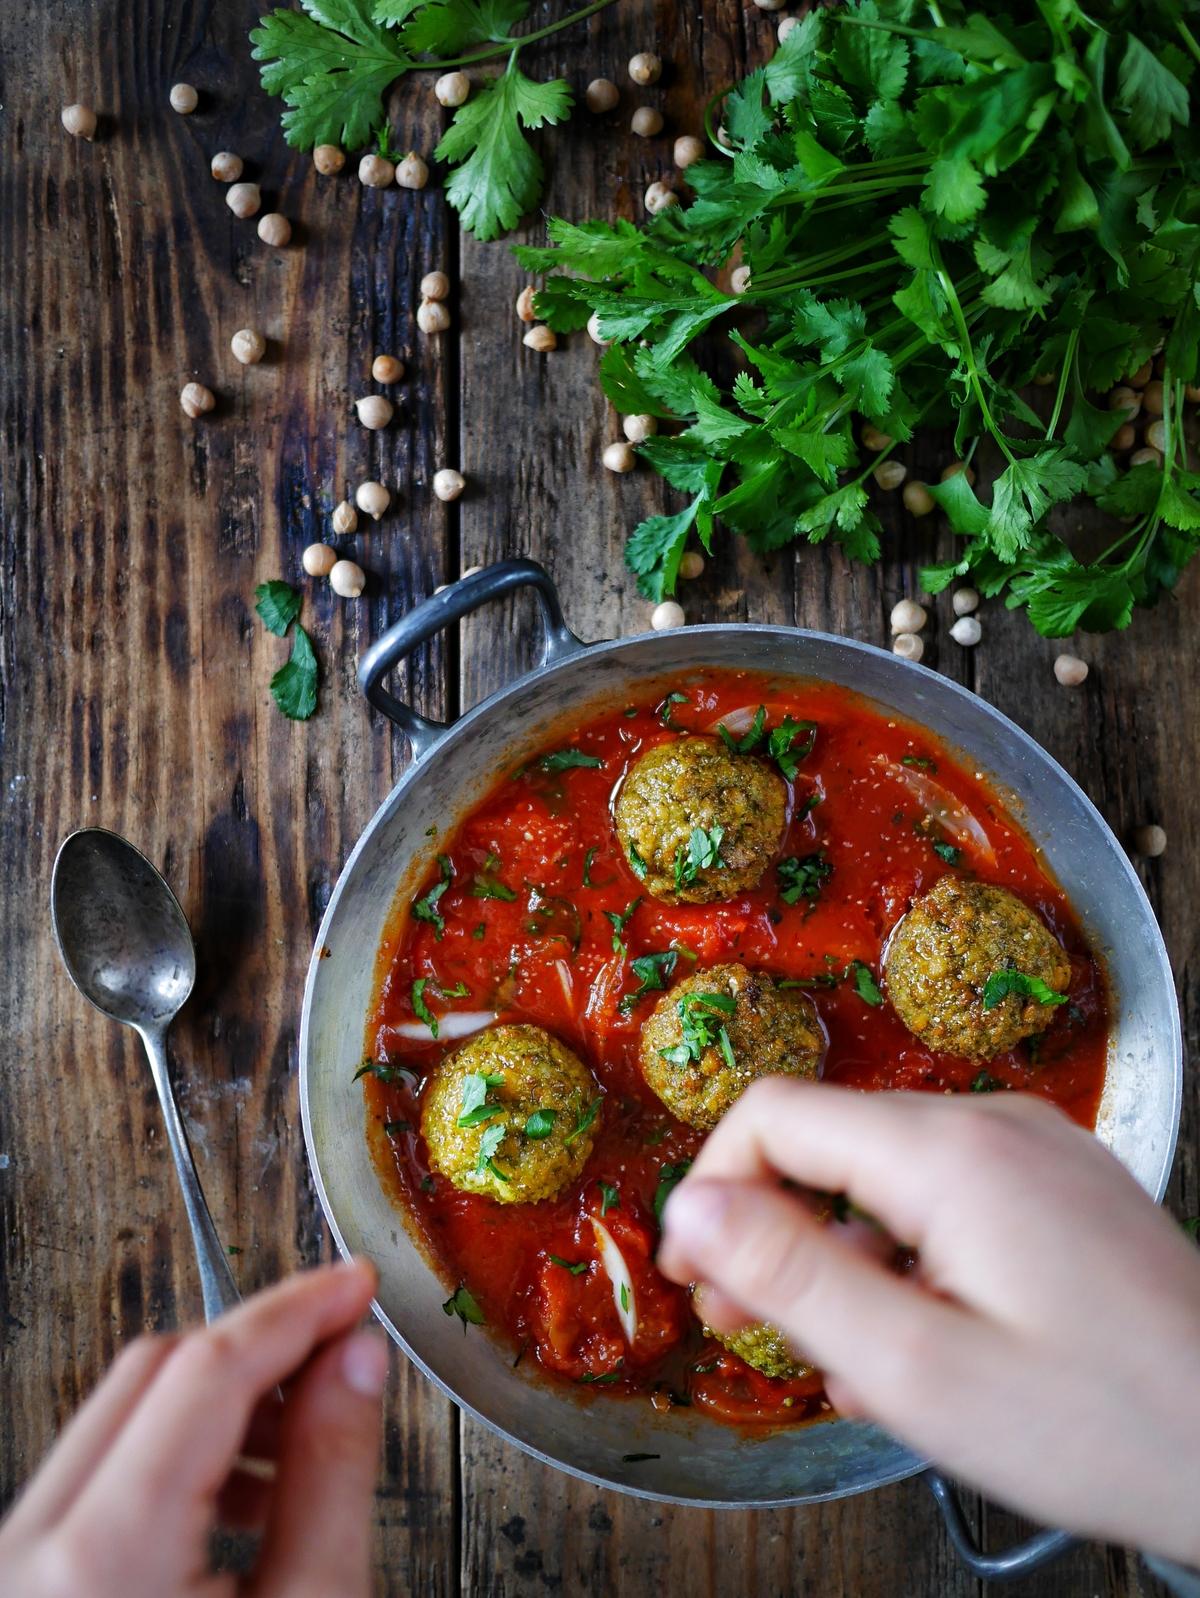 Falafels au four et sauce tomate